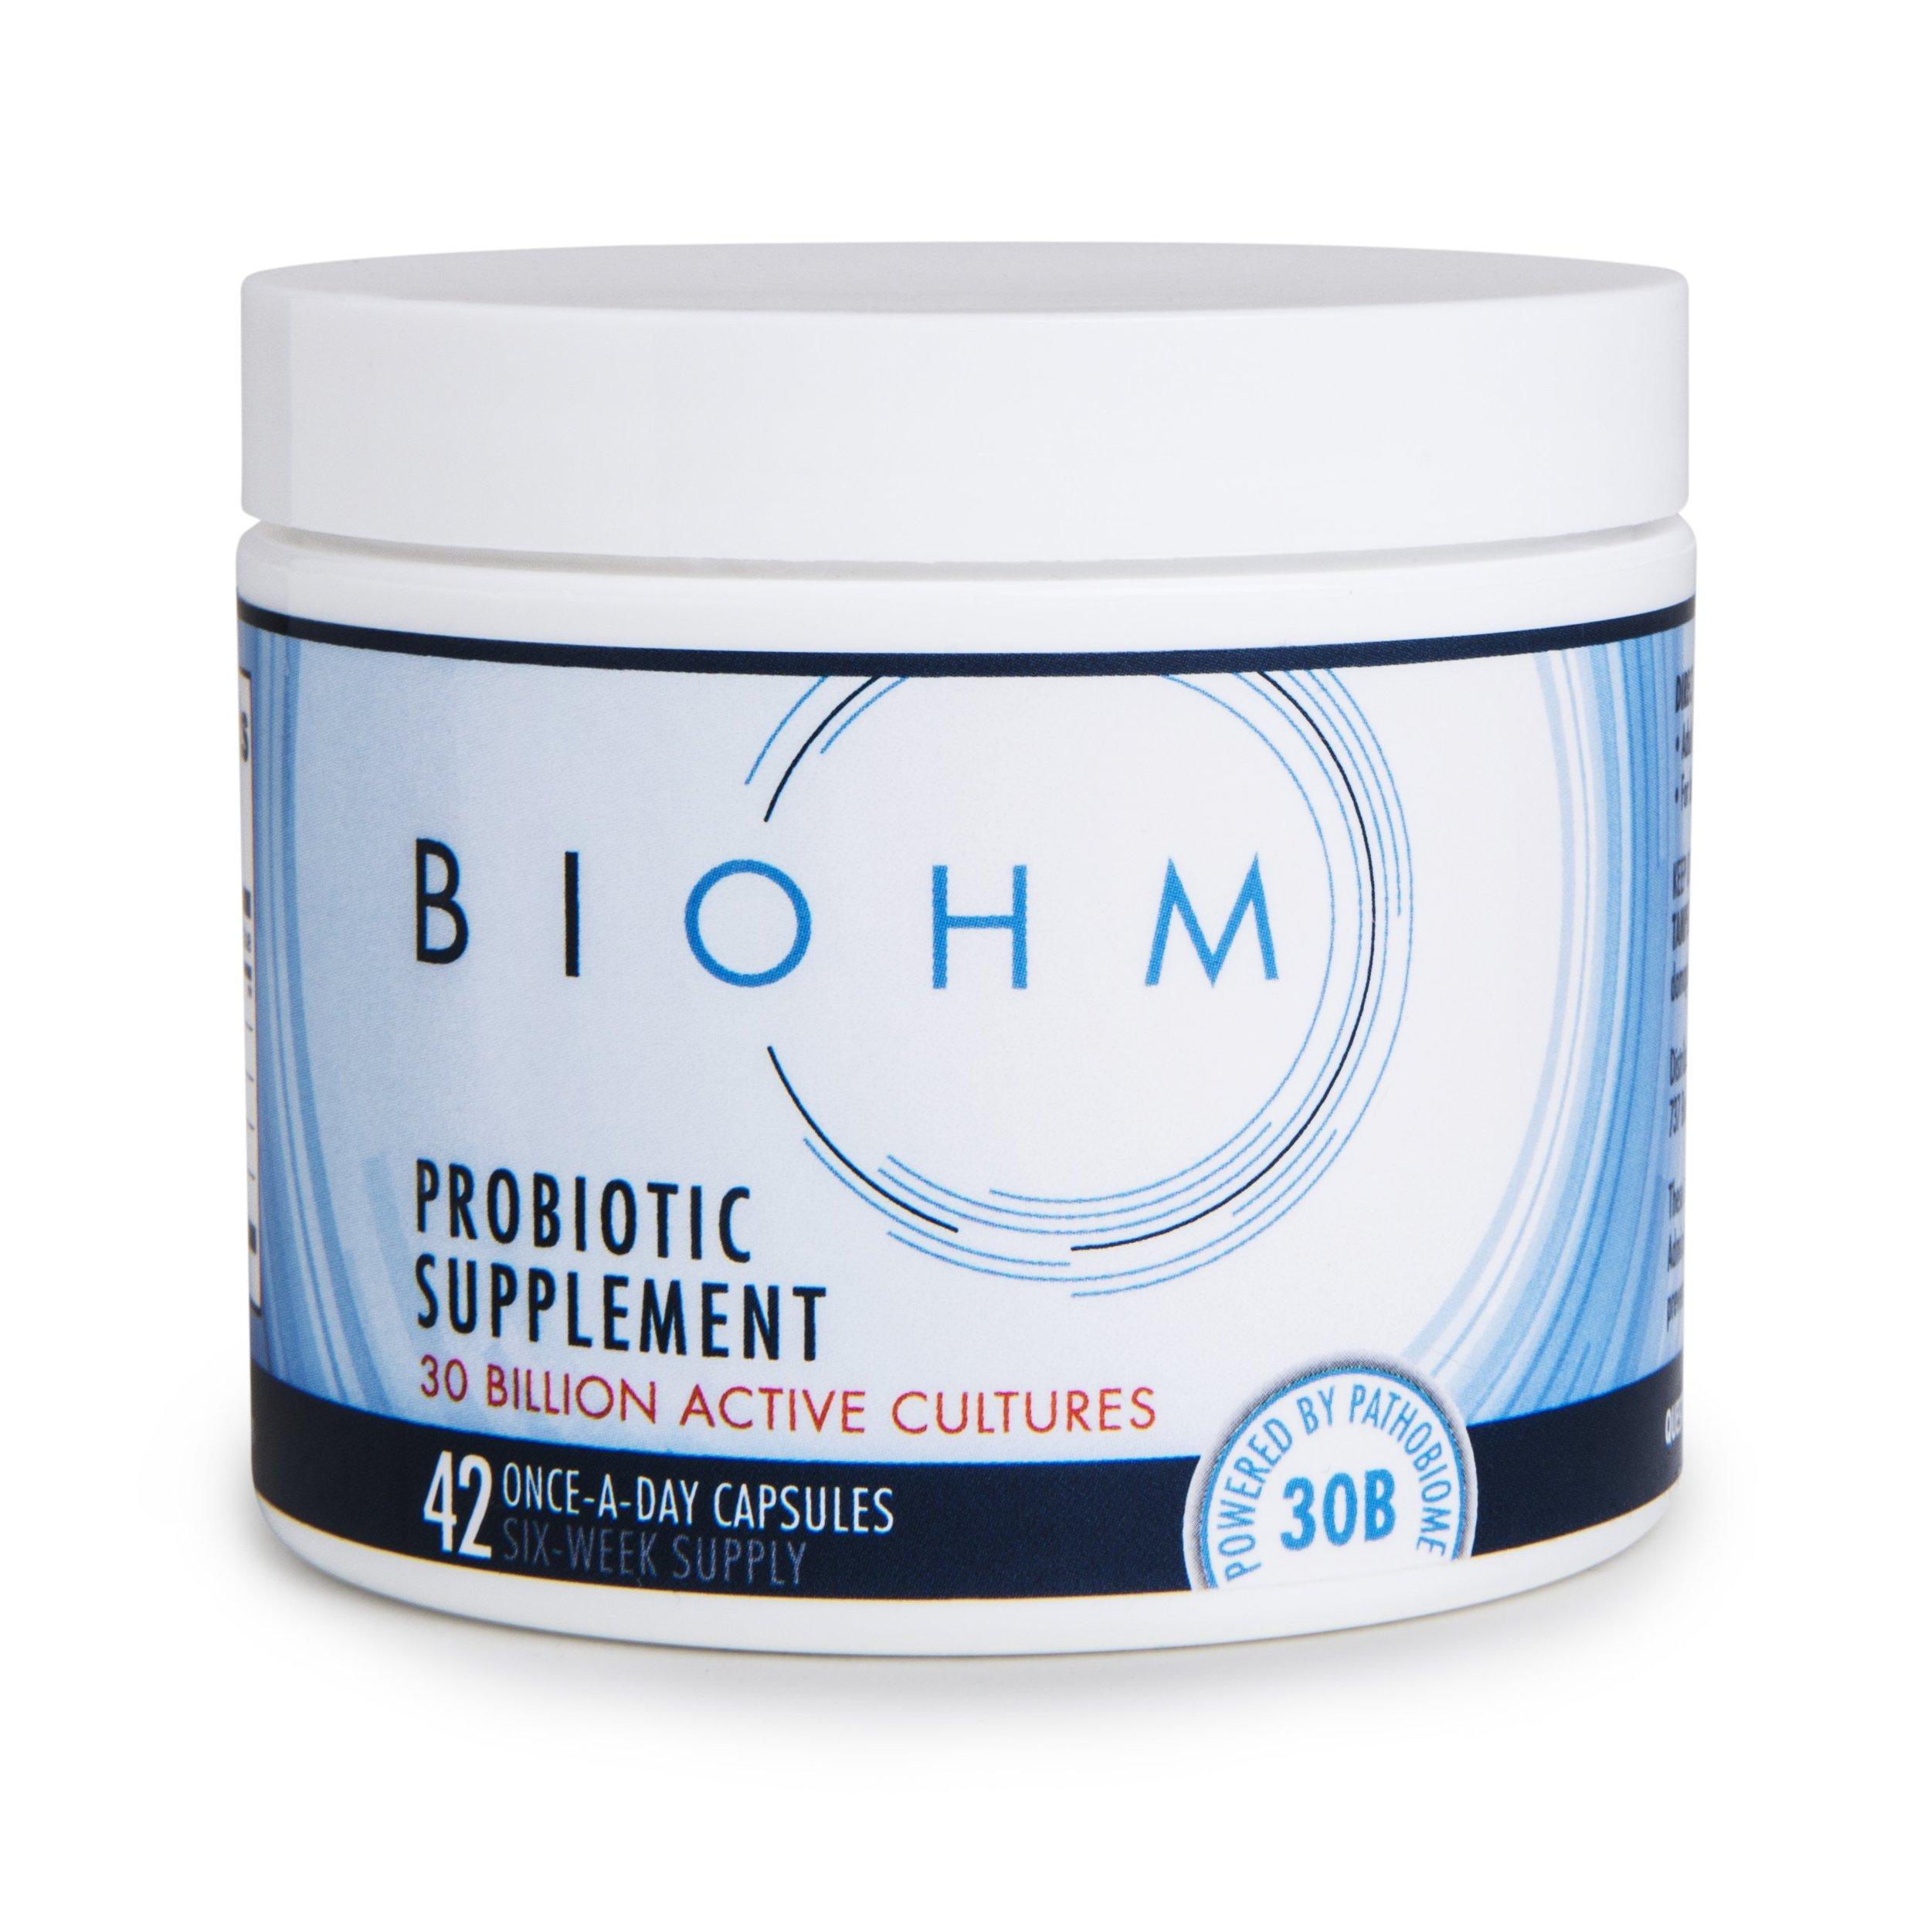 BIOHM_ProbioticSupplement_ff4b945d-70ab-4ba2-978a-21dfec0f5719.jpg